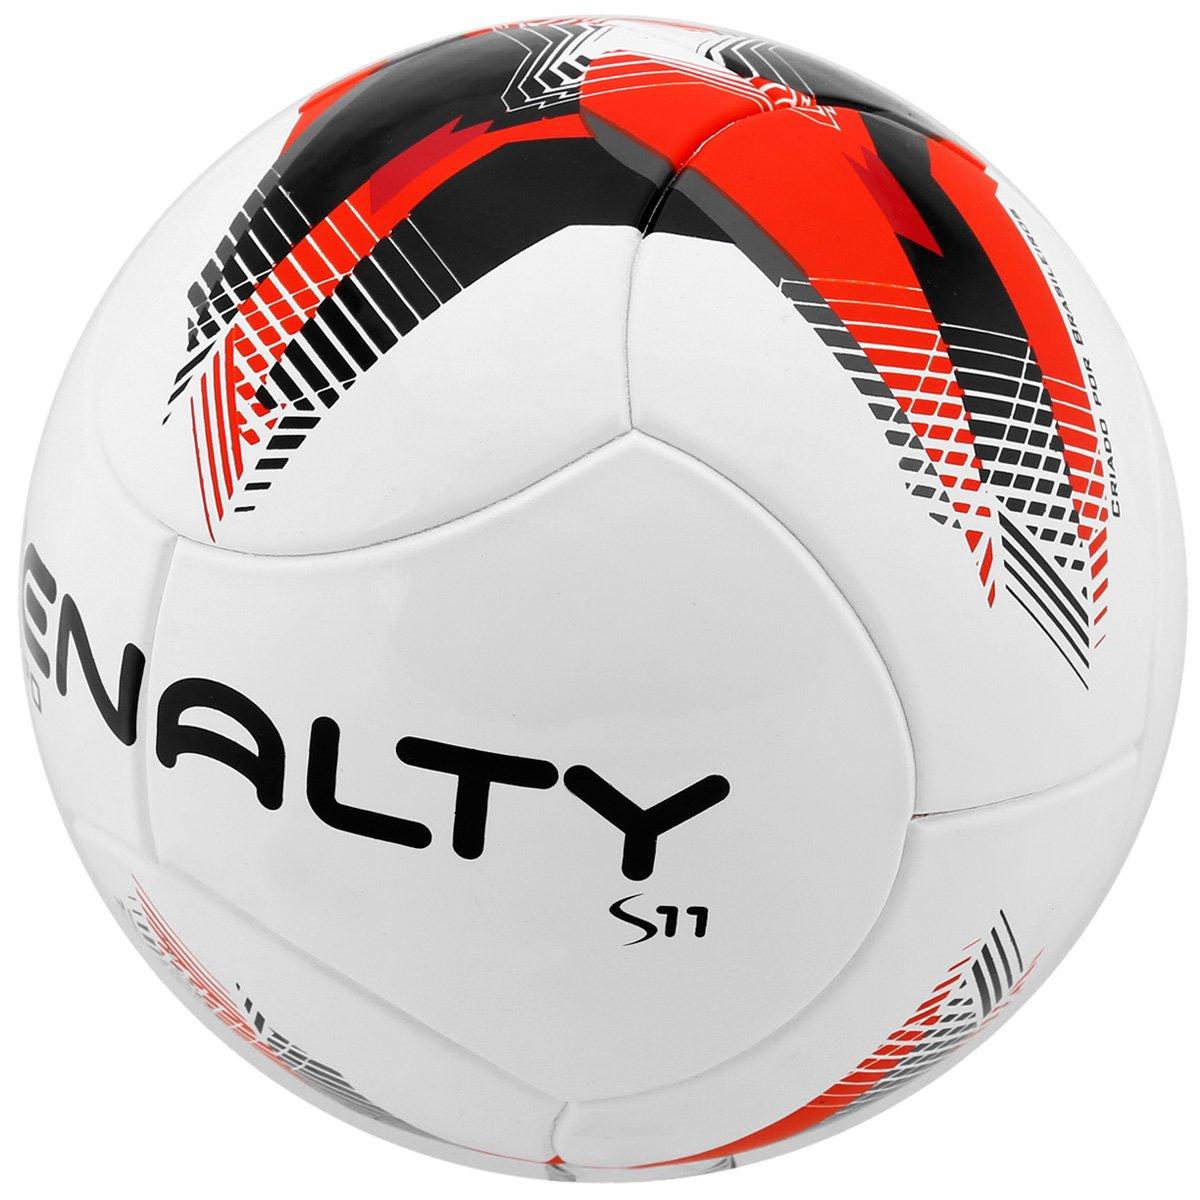 Bola Futebol Penalty S11 R3 Ultra Fusion 5 Campo - Compre Agora ... 98fe8123ac30d